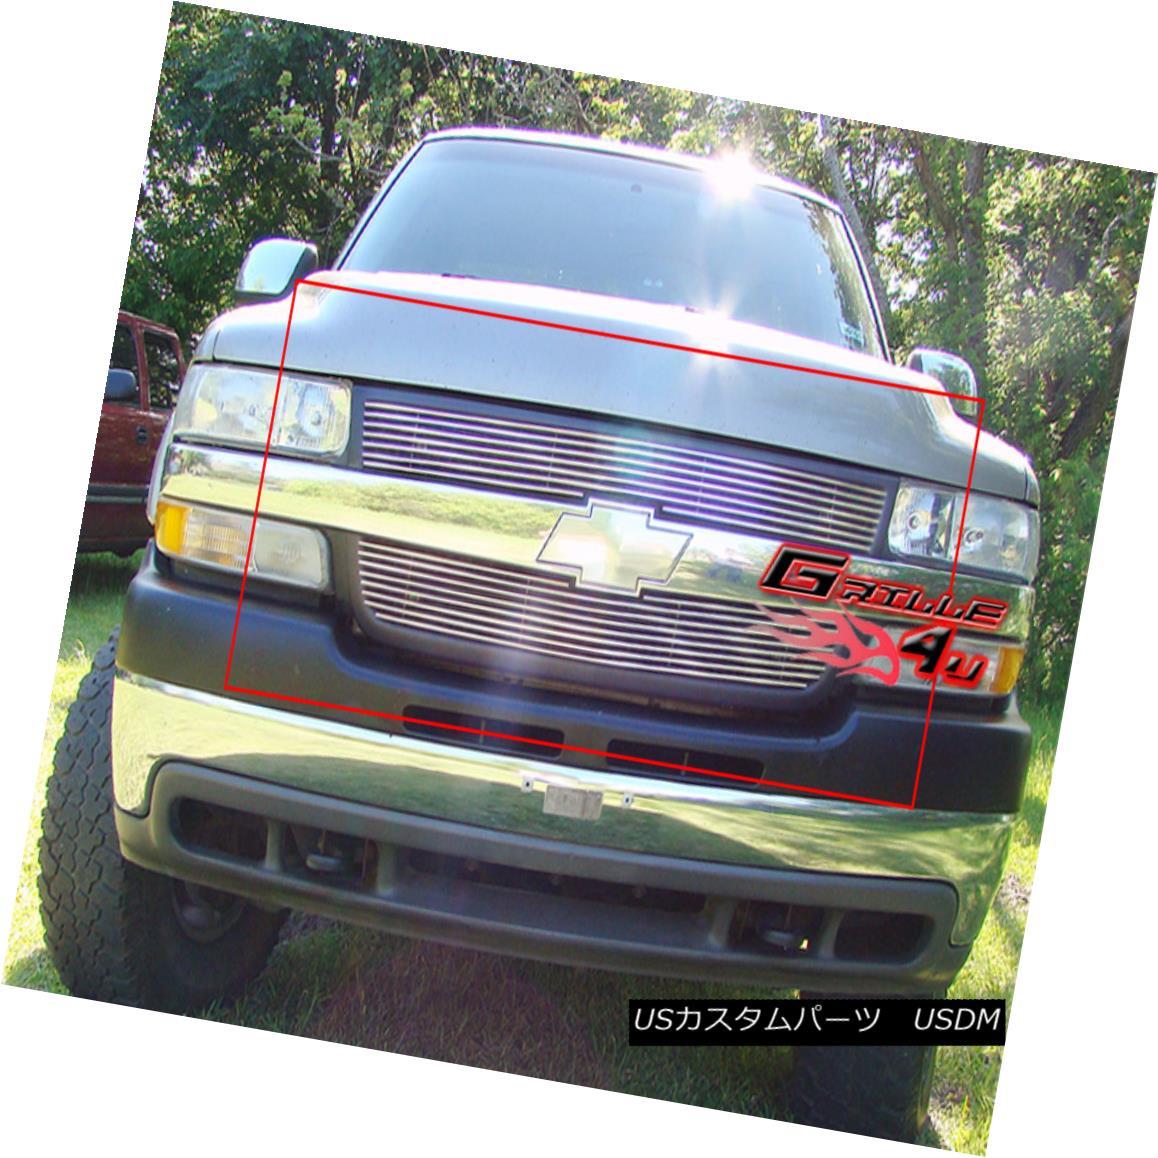 グリル Fits 2001-2002 Chevy Silverado 2500/3500 HD Billet Grille Insert 2001-2002 Chevy Silverado 2500/3500 HDビレットグリルインサートに適合